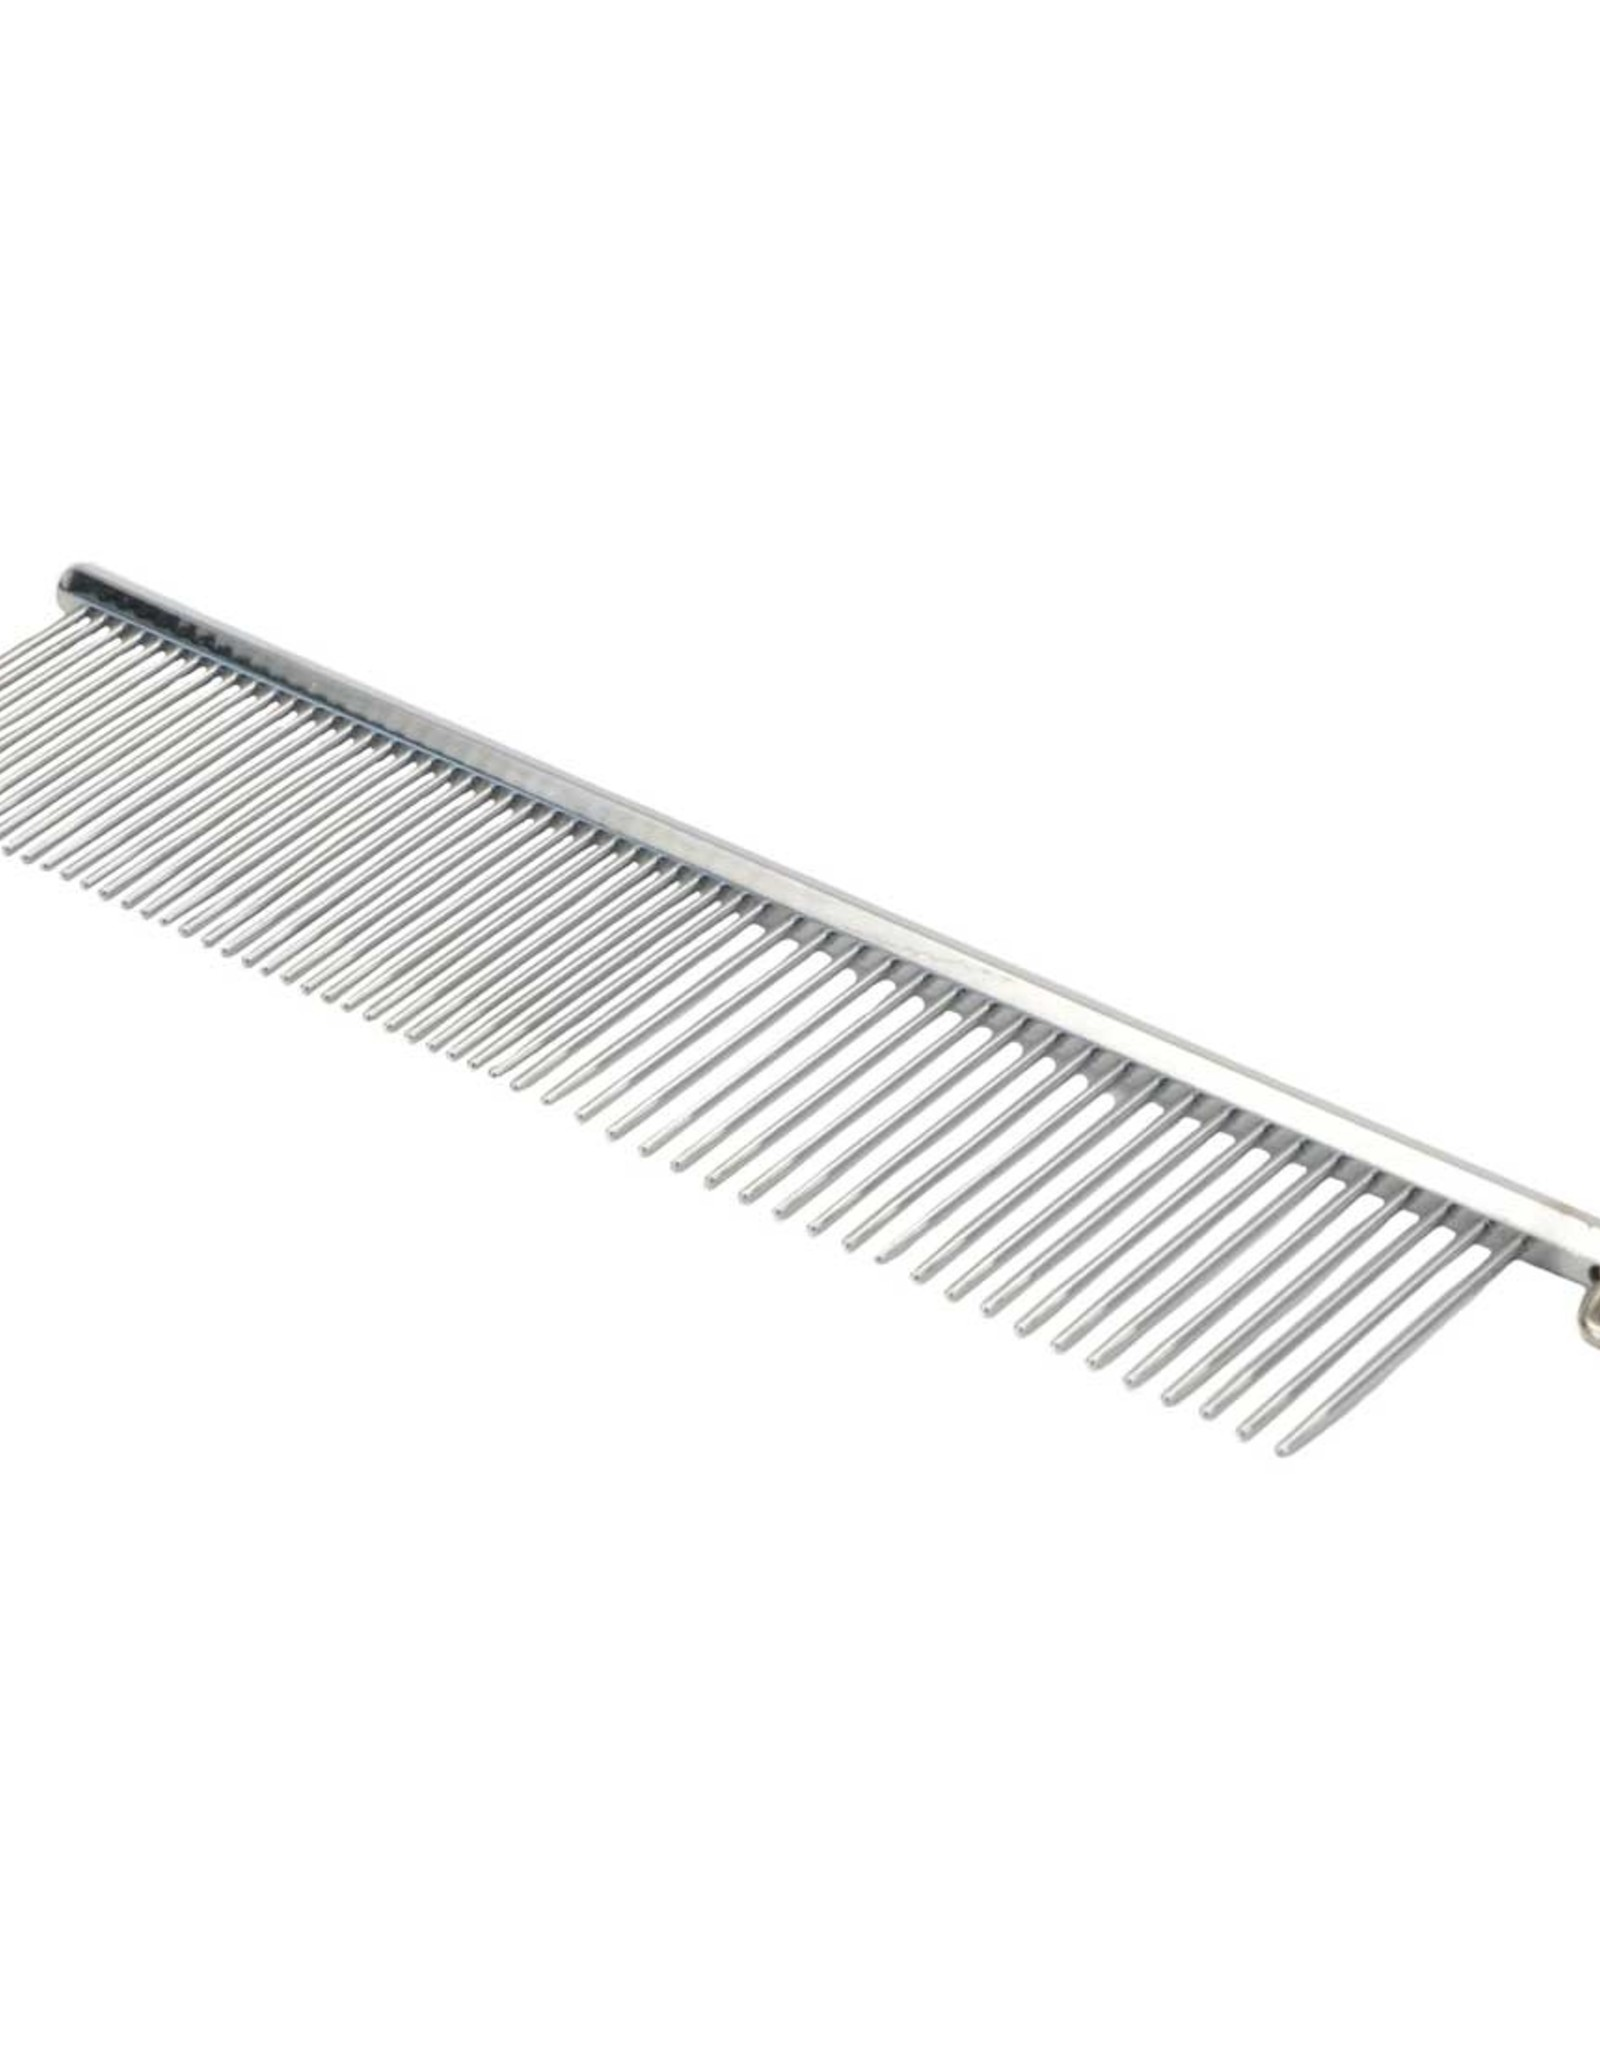 Safari Safari Medium Finishing Comb